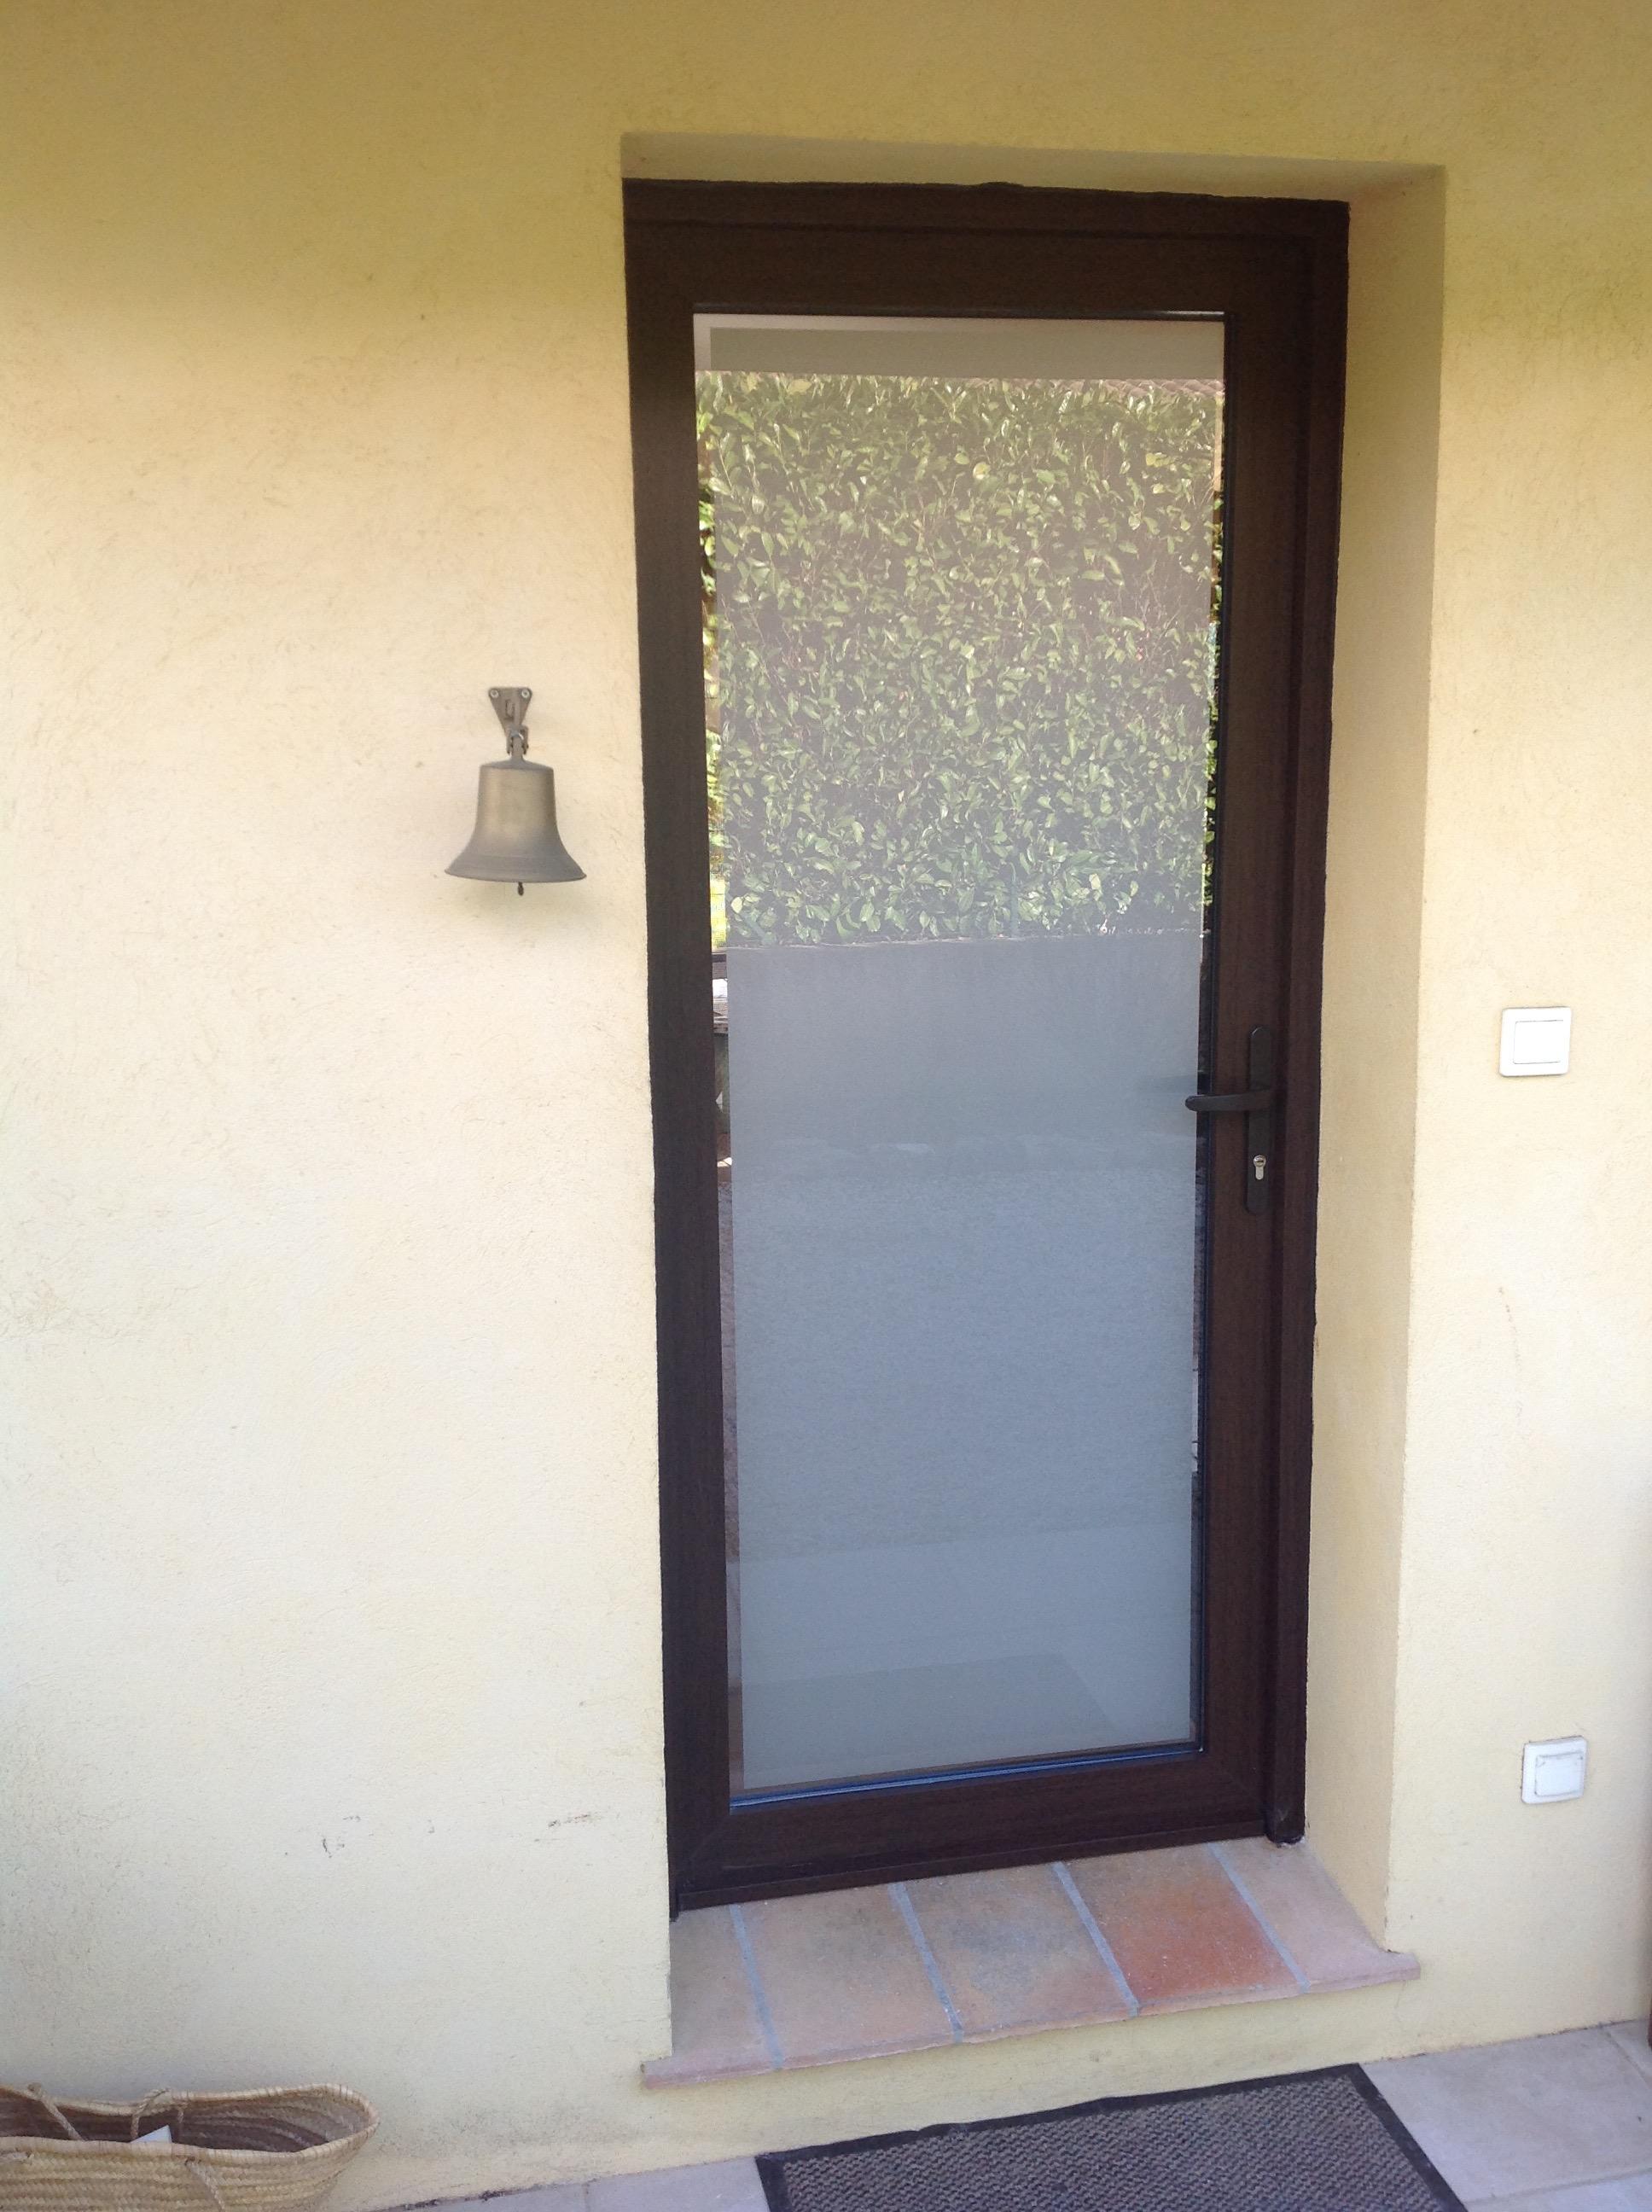 R novation porte d 39 entr e pvc grasse belimed - Porte d entree renovation pvc ...